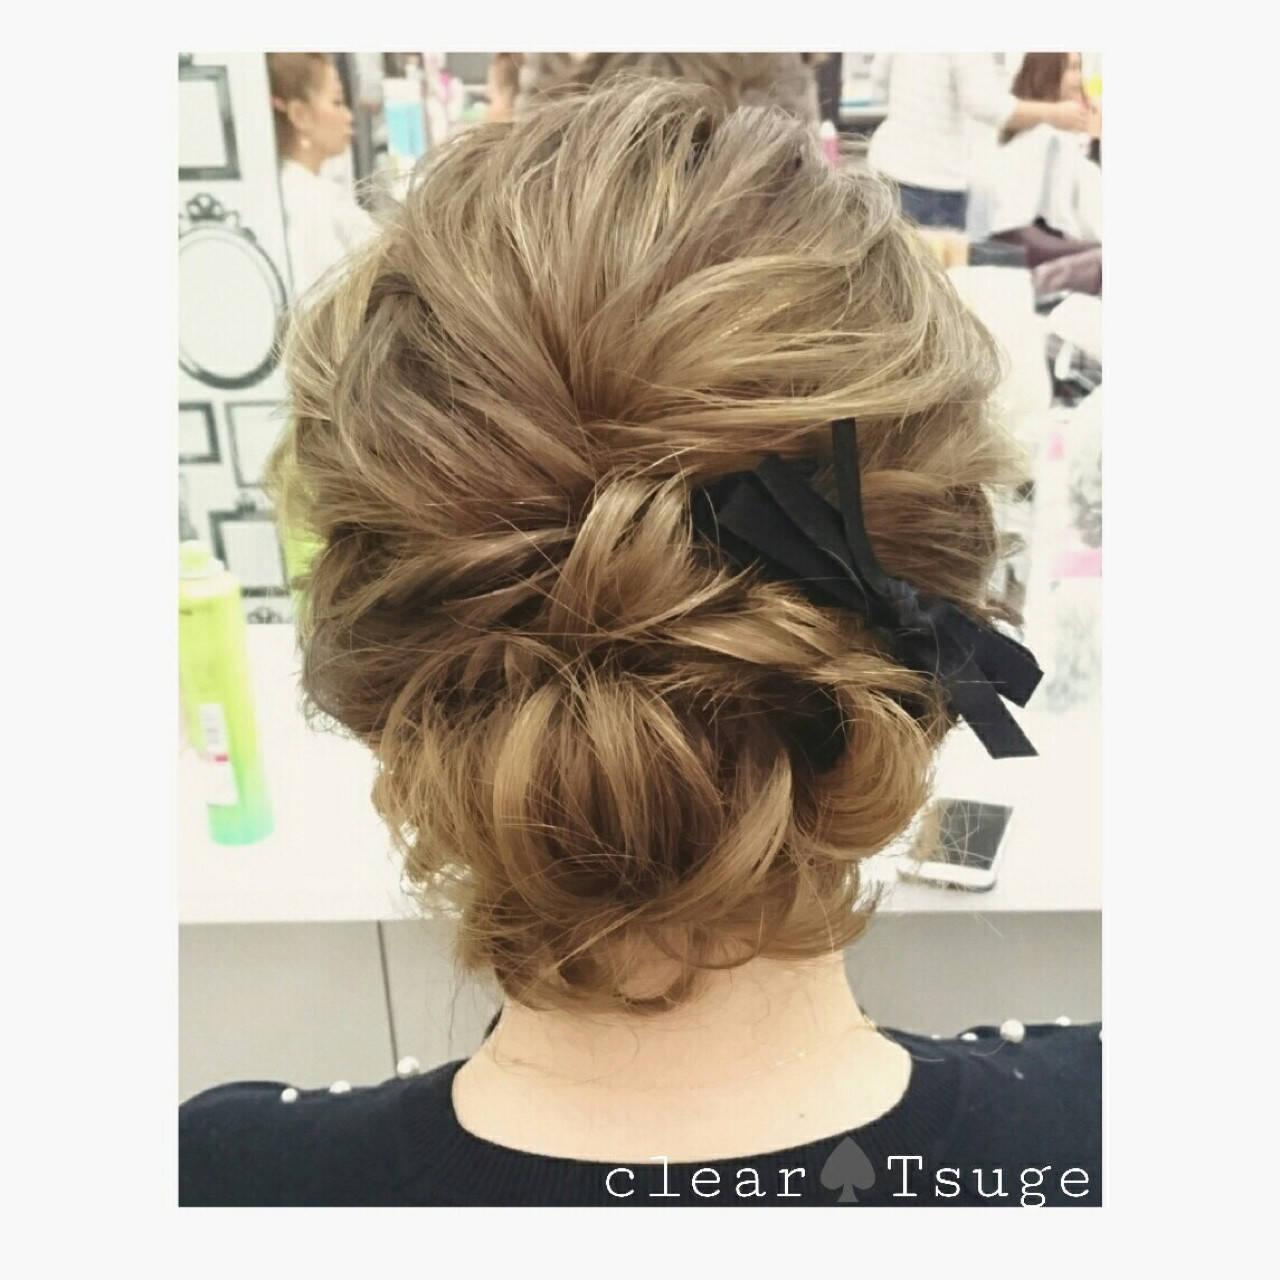 ミディアム 結婚式 ハイライト ツイストヘアスタイルや髪型の写真・画像